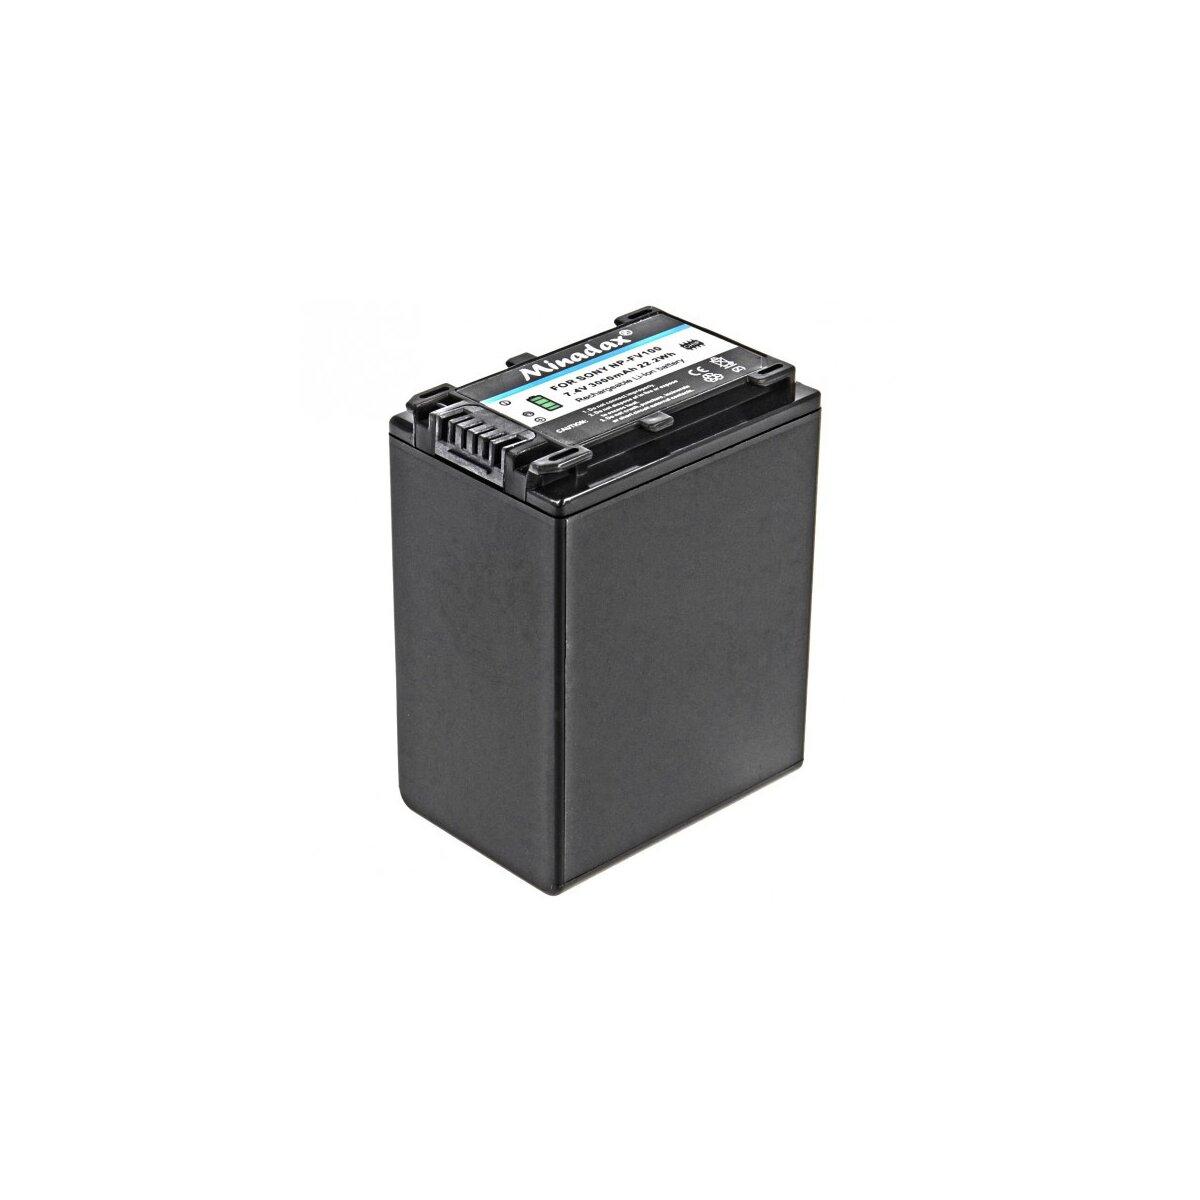 Minadax® Qualitaetsakku mit echten 3000 mAh fuer Sony HDR-XR200E, HDR-XR200VE, HDR-XR350E, HDR-CX100E, CX105E, CX106E, CX110E, CX115E, CX116E, CX11E, CX130E, CX150E, CX155E, CX160E etc..., wie NP-FV100 - Intelligentes Akkusystem mit Chip